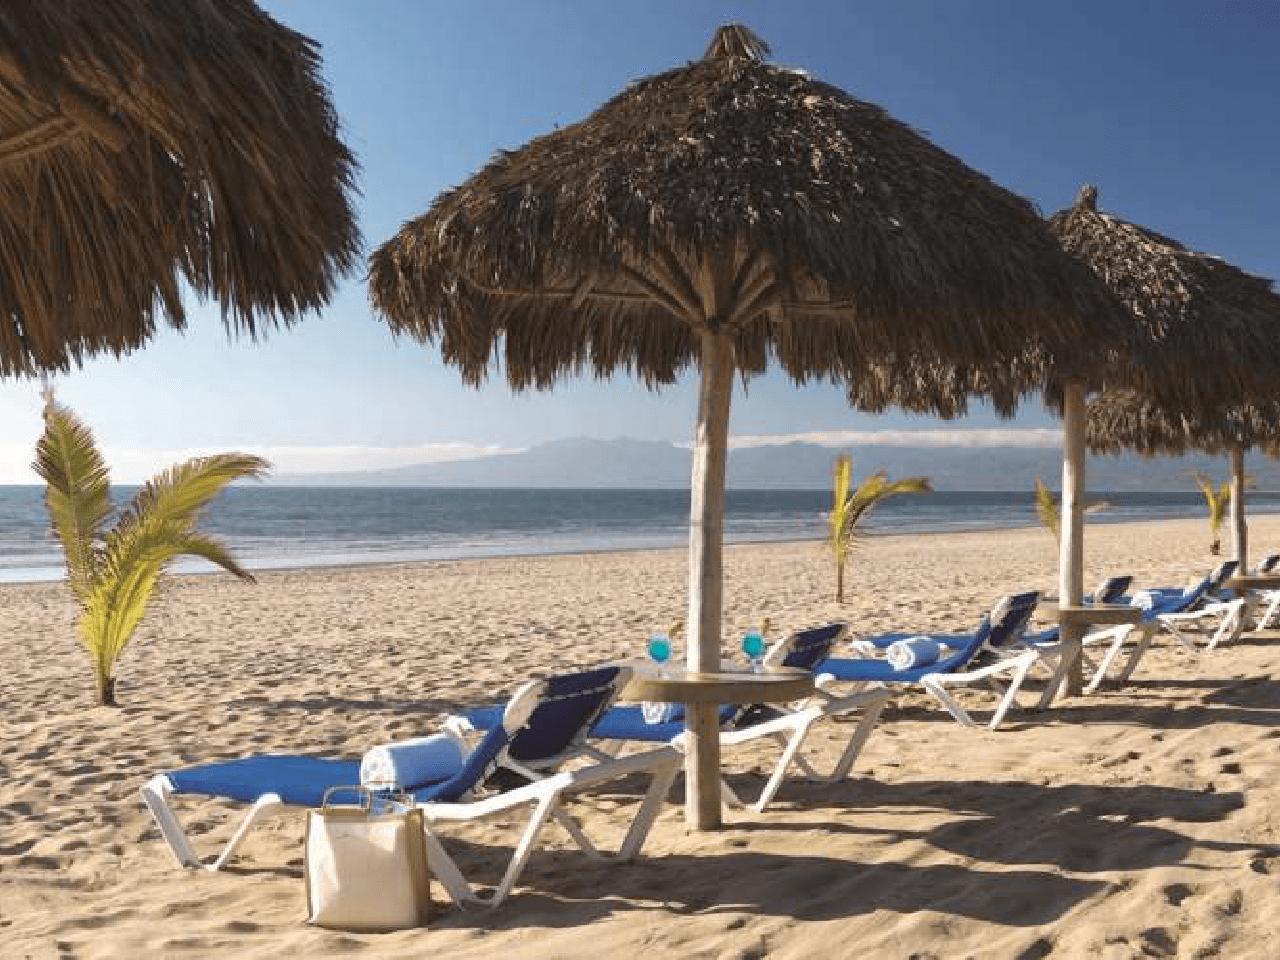 Paquetes de bodas en la playa - playa relajación